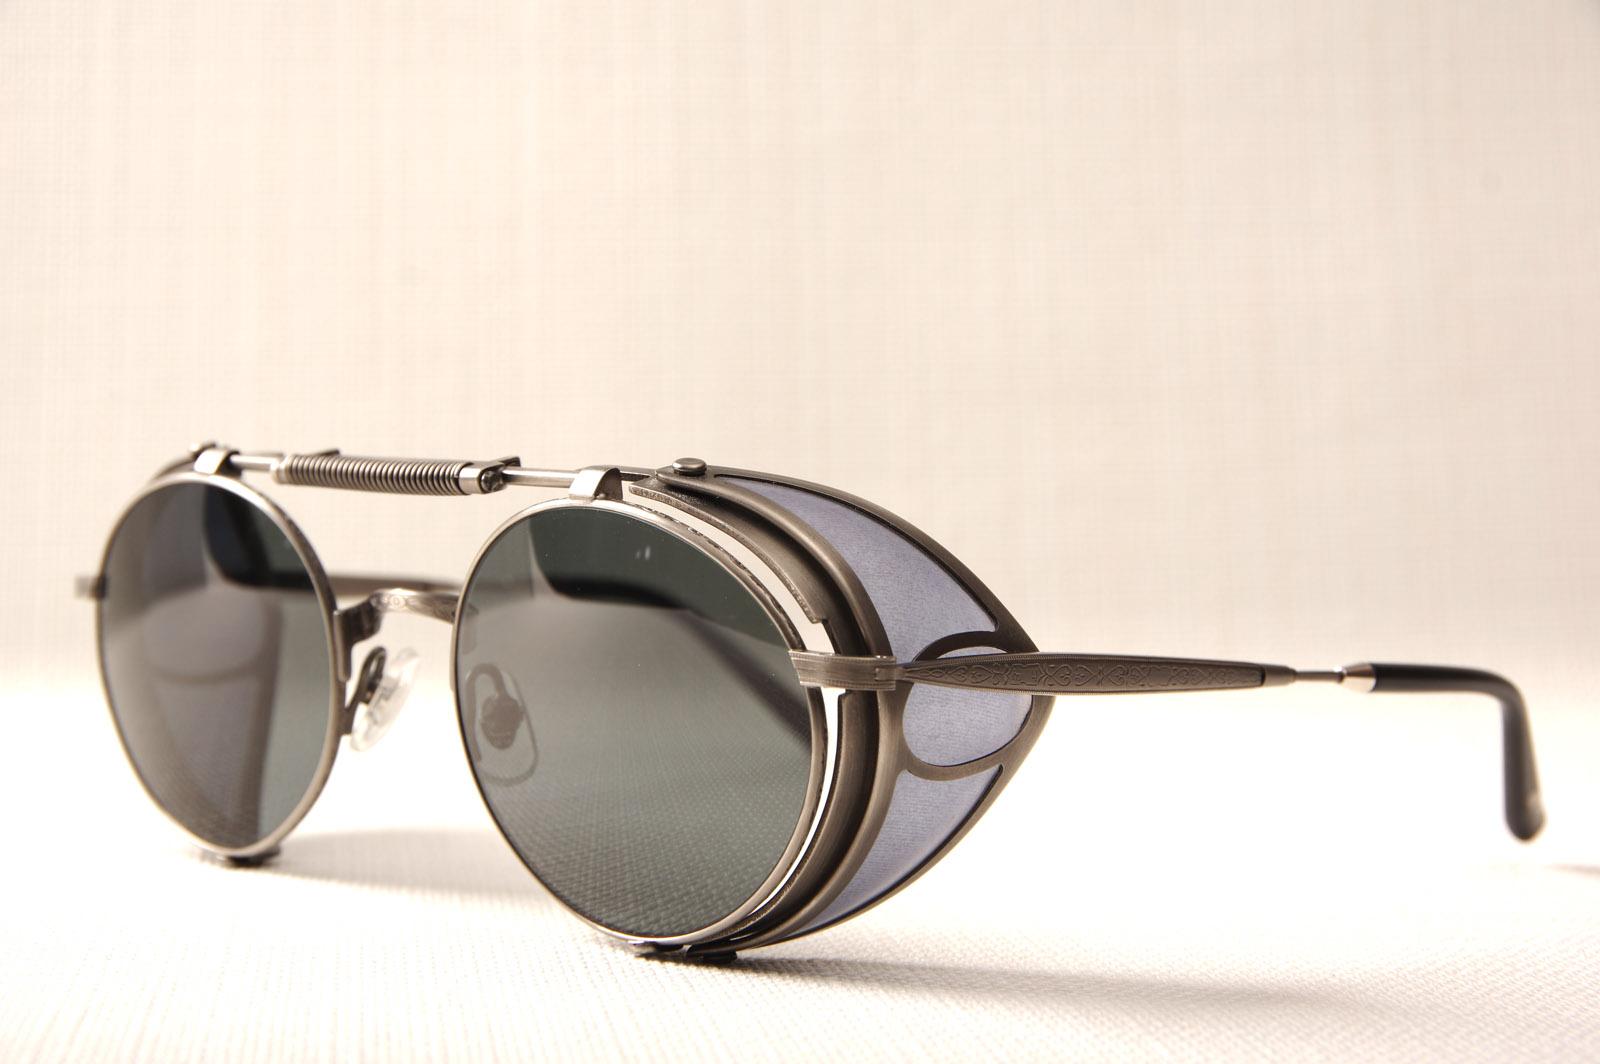 ... Strasbourg Où commander les lunettes Matsuda 2809H, Europe Acheter en  ligne les lunettes MATSUDA 2809, Paris Opticien revendeur ... d55f381e680b